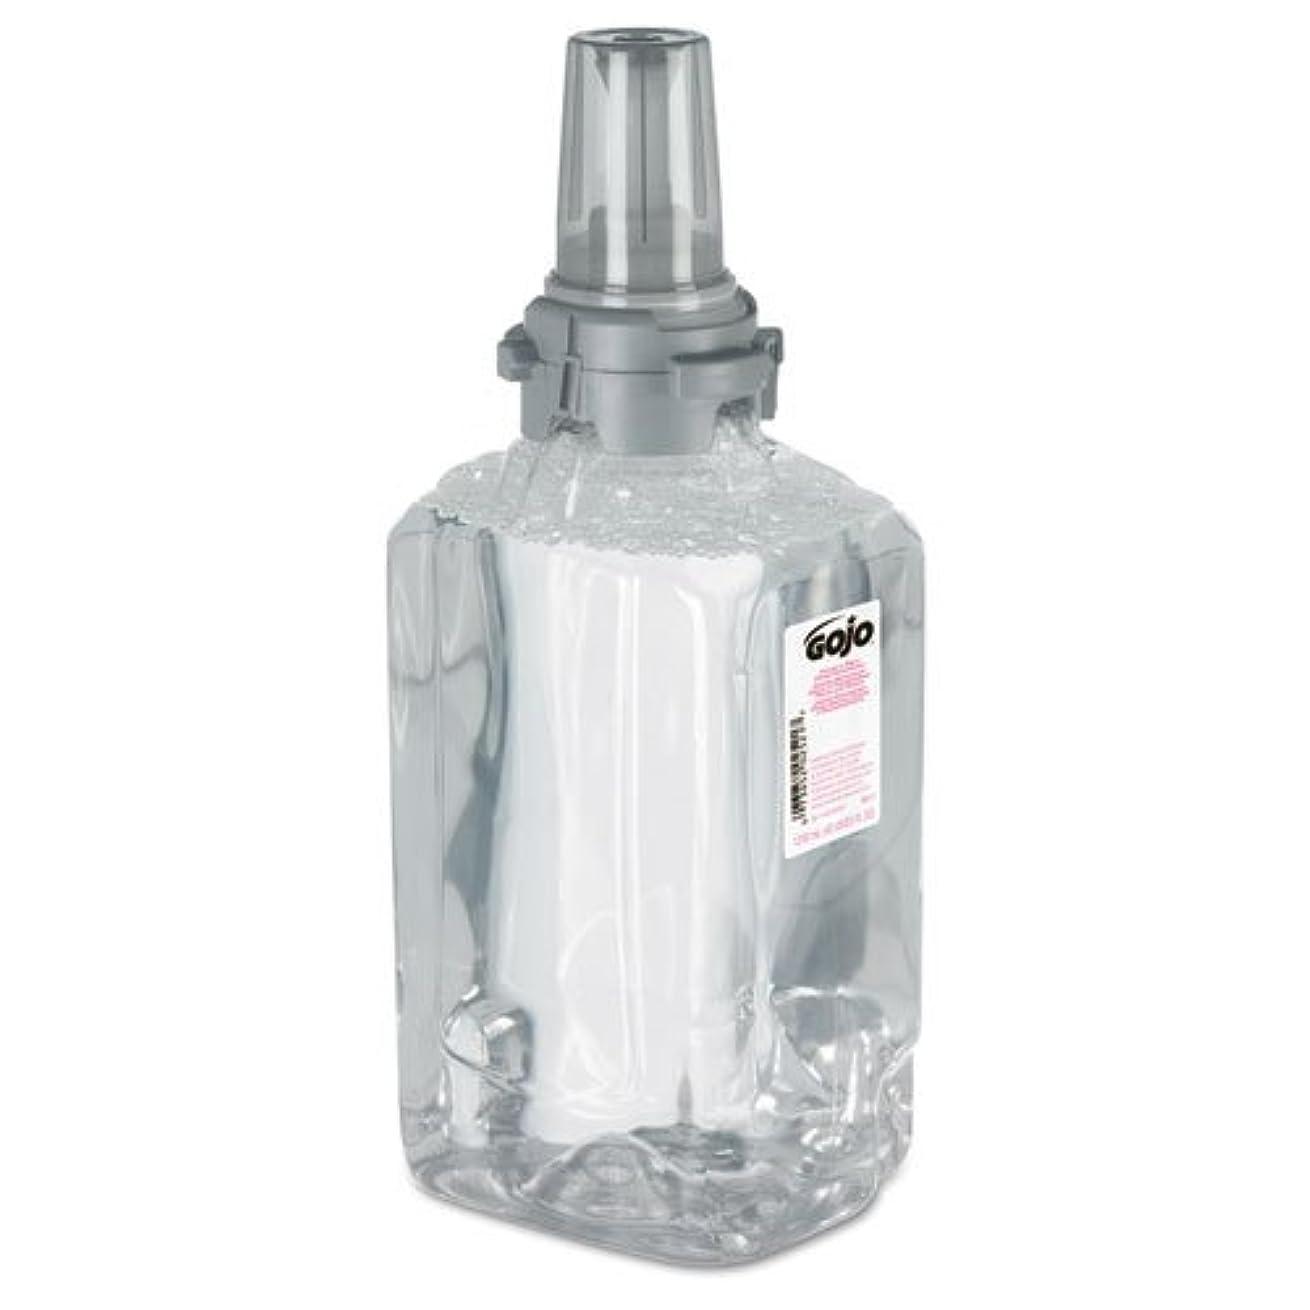 変動する一生嫌悪goj881103 – クリアAmp ; Mild Foam Handwash Refill